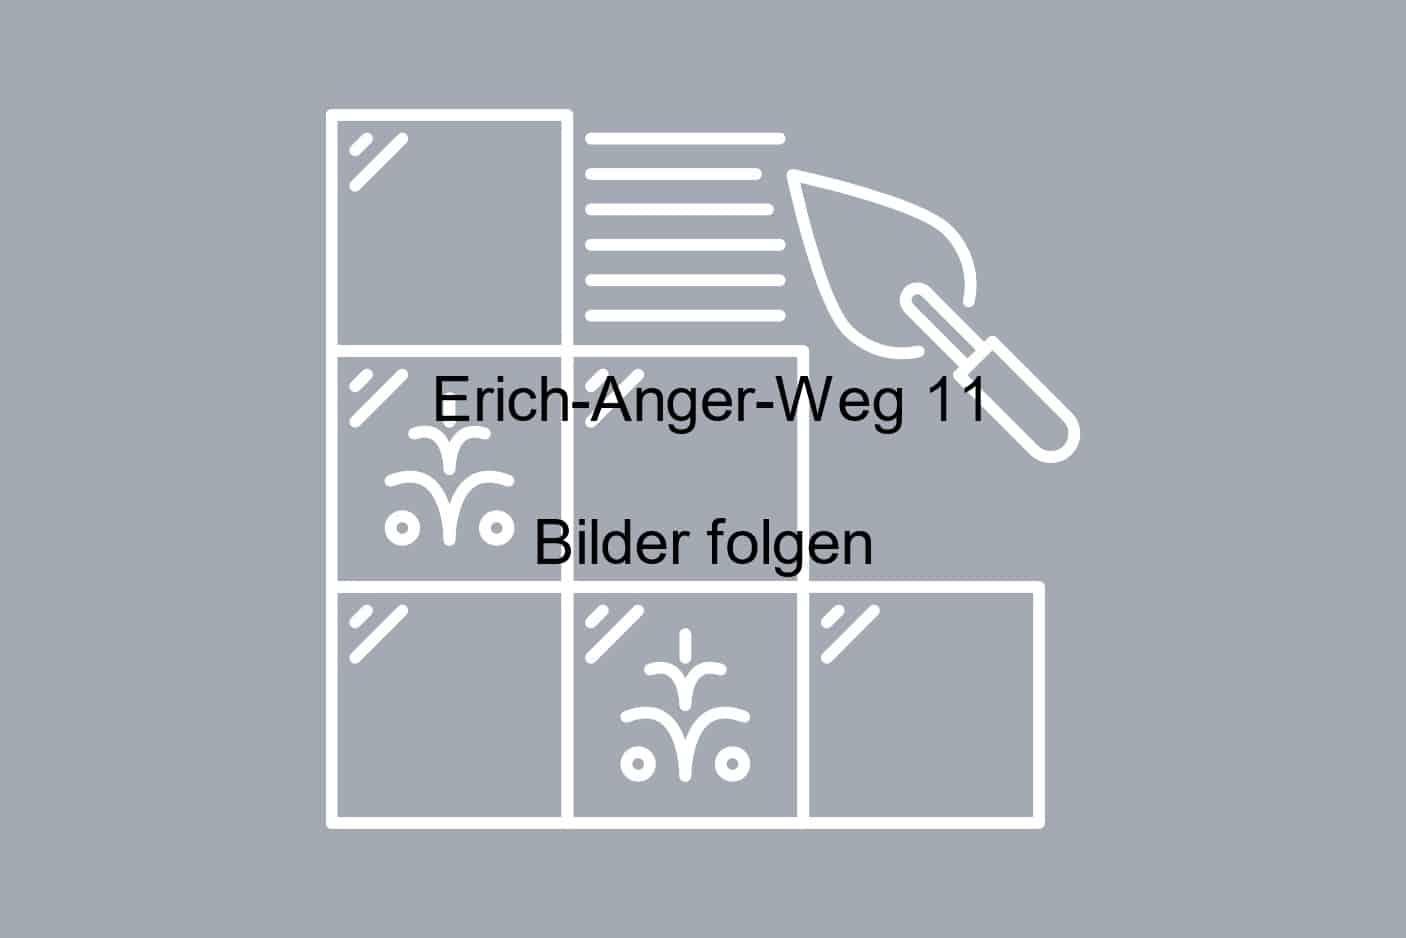 Erich-Anger-Weg 11